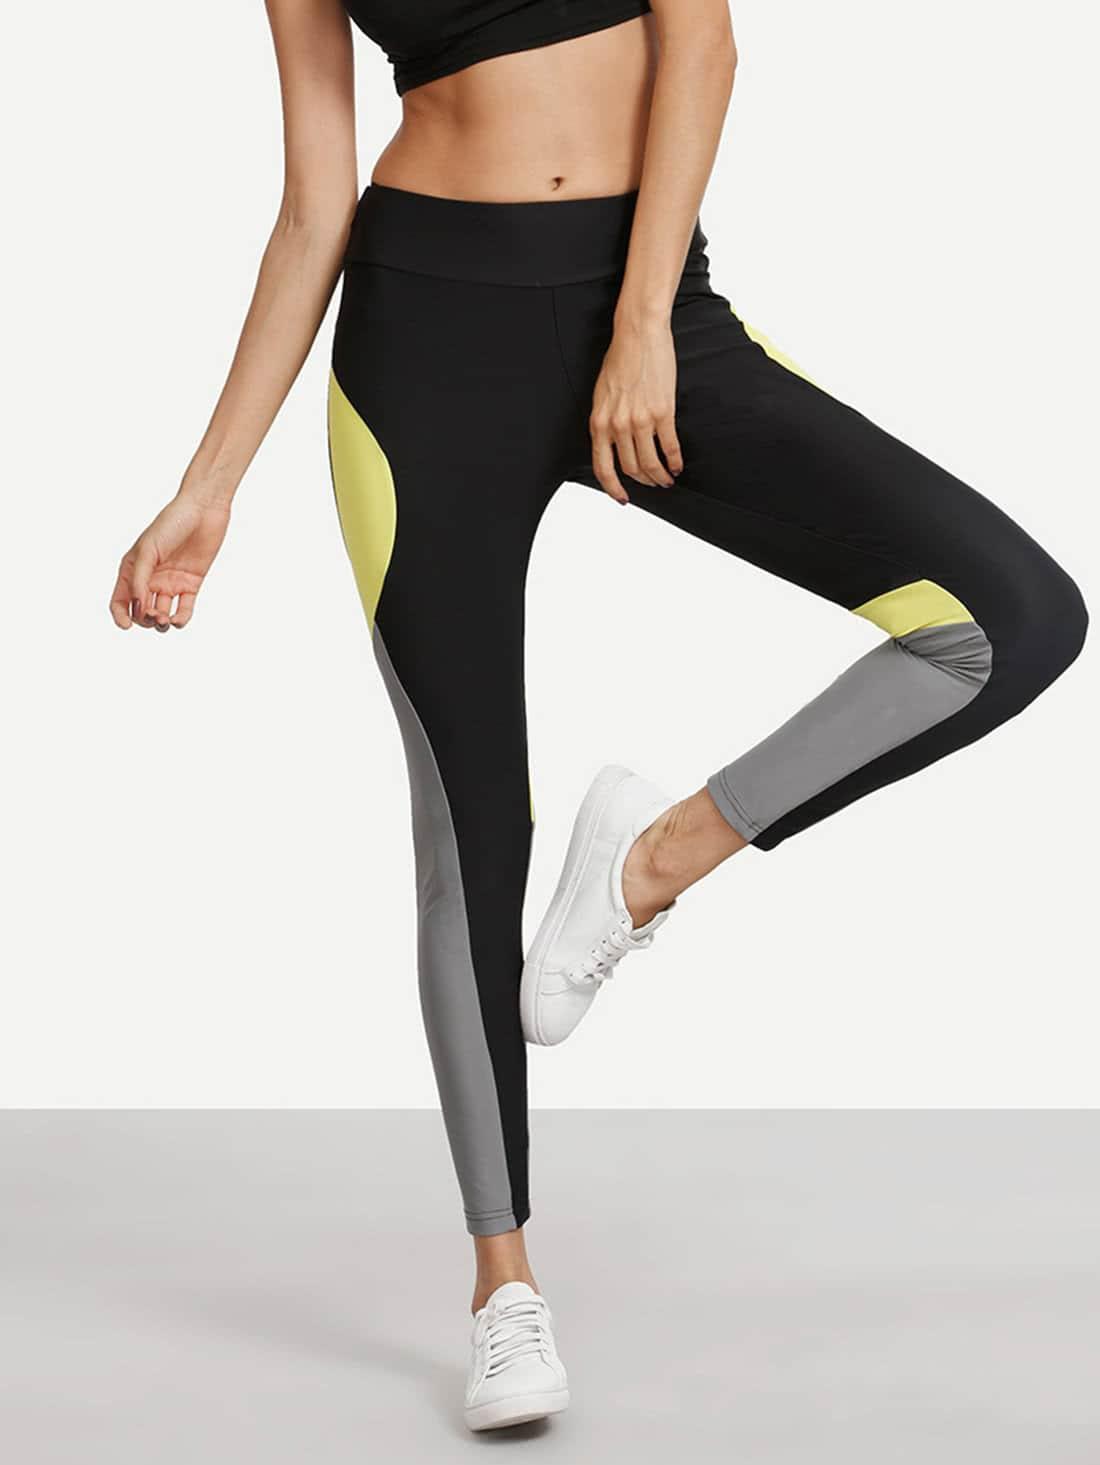 Colorblock Stretchy Skinny Leggings empire skinny leggings